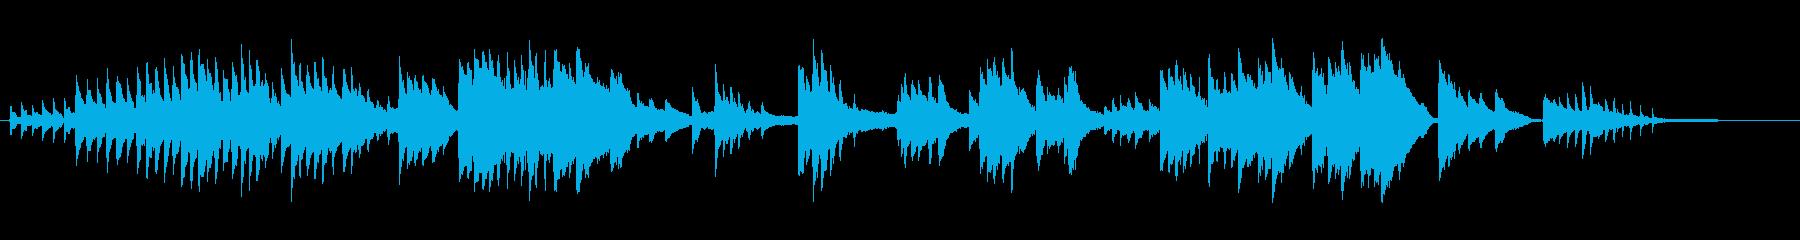 幻想的なピアノ、即興演奏の再生済みの波形